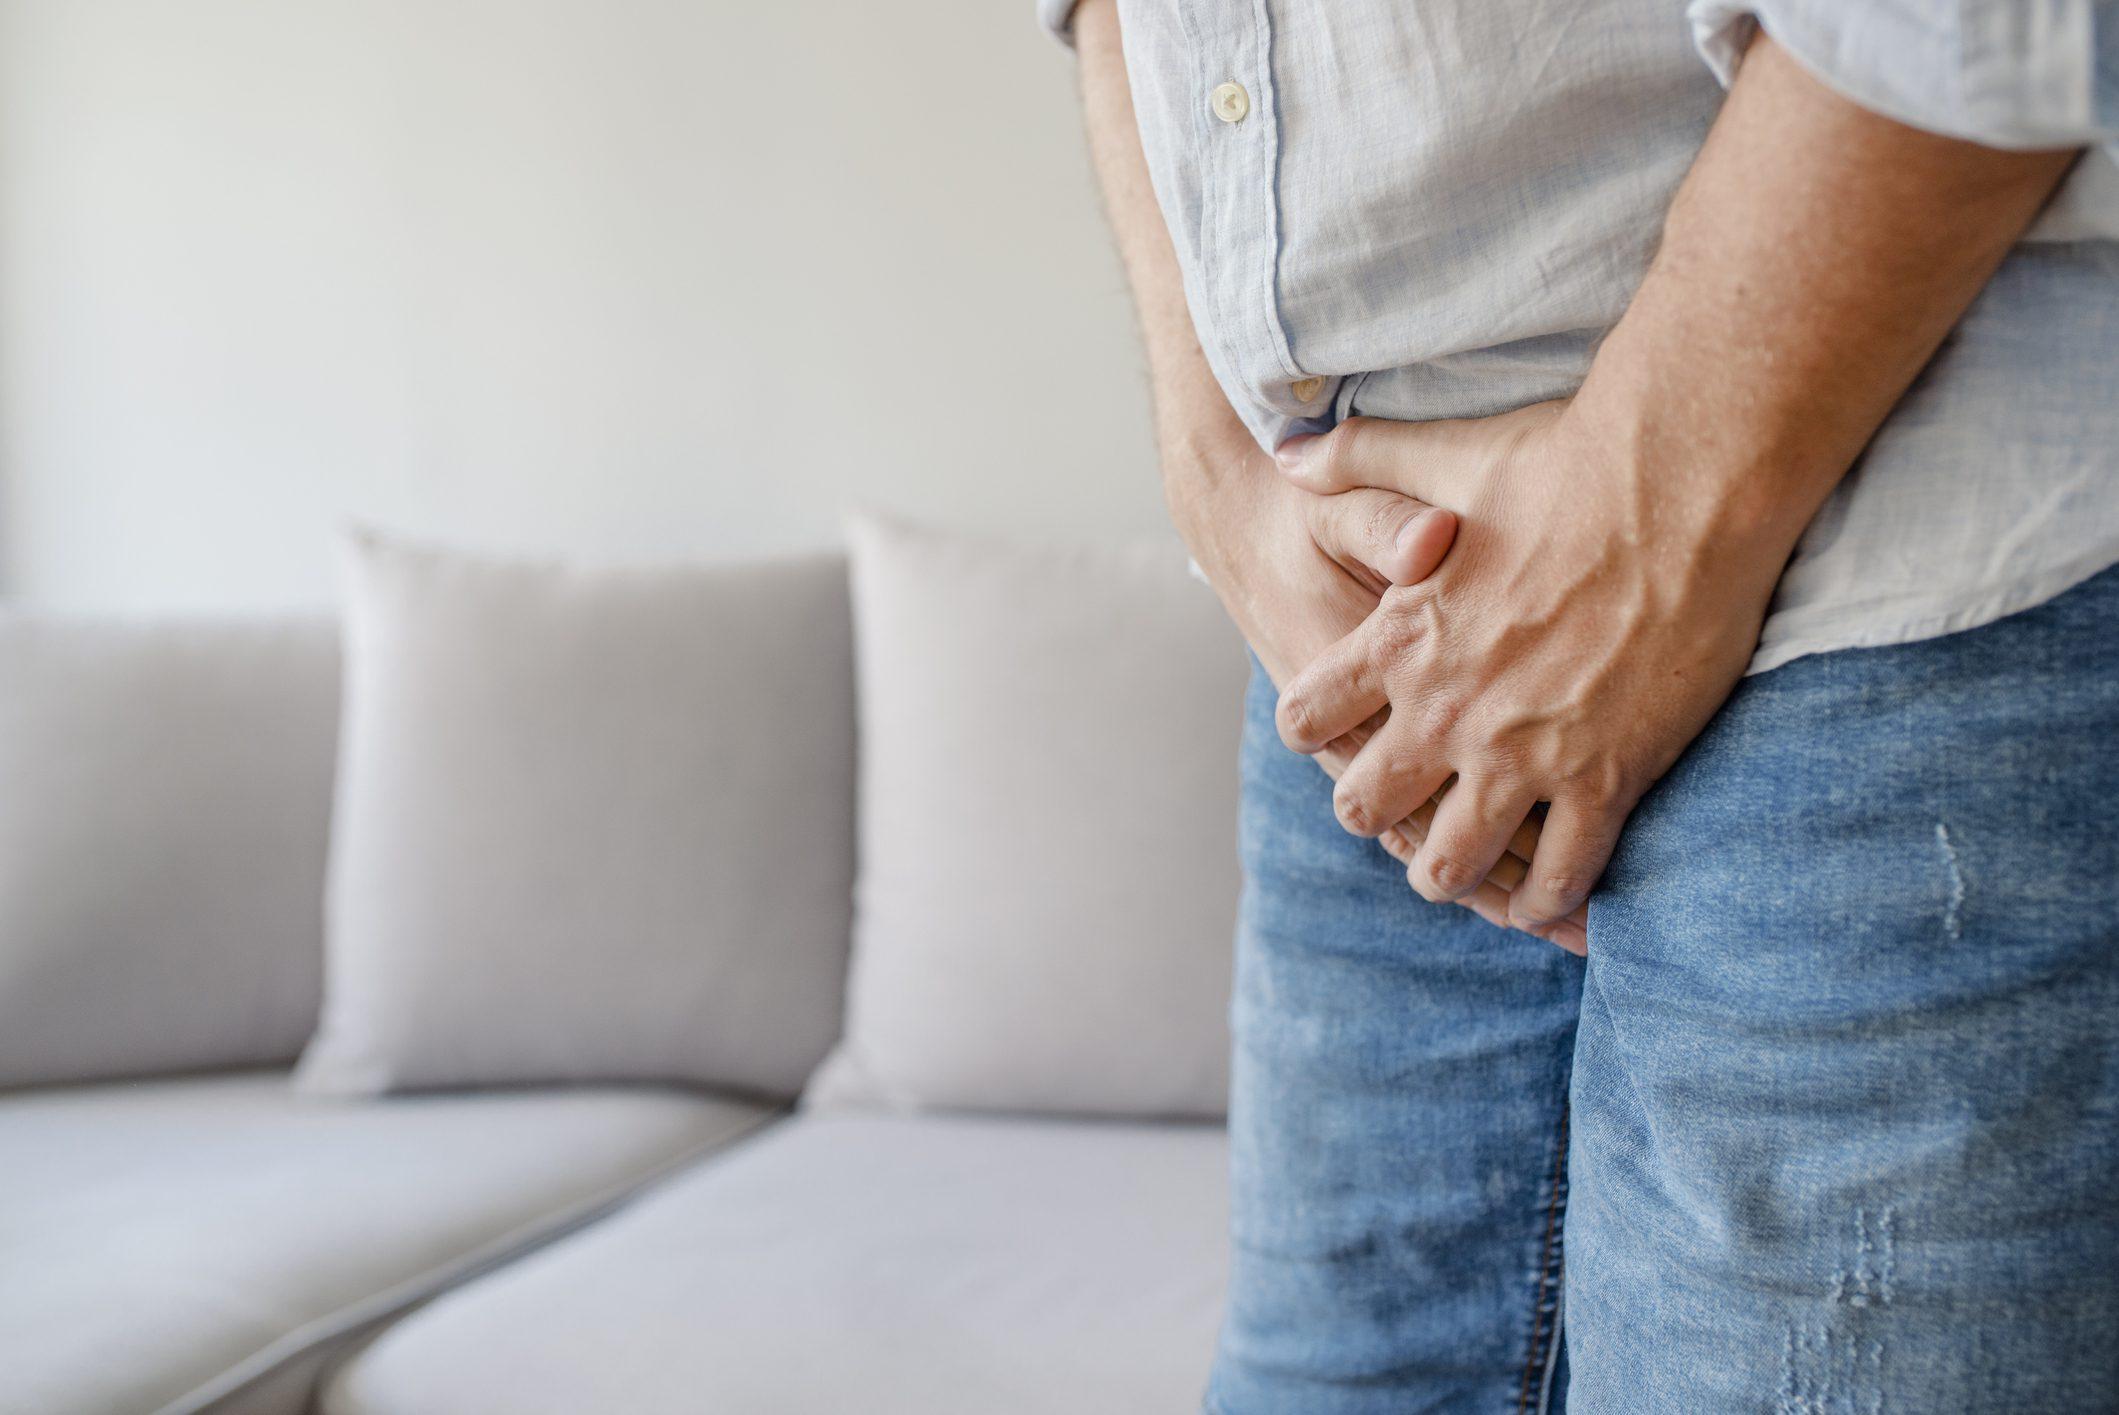 Médicos esclarecem dúvidas e tabus sobre o câncer de próstata e sexualidade do homem em live nesta terça-feira (13/07)